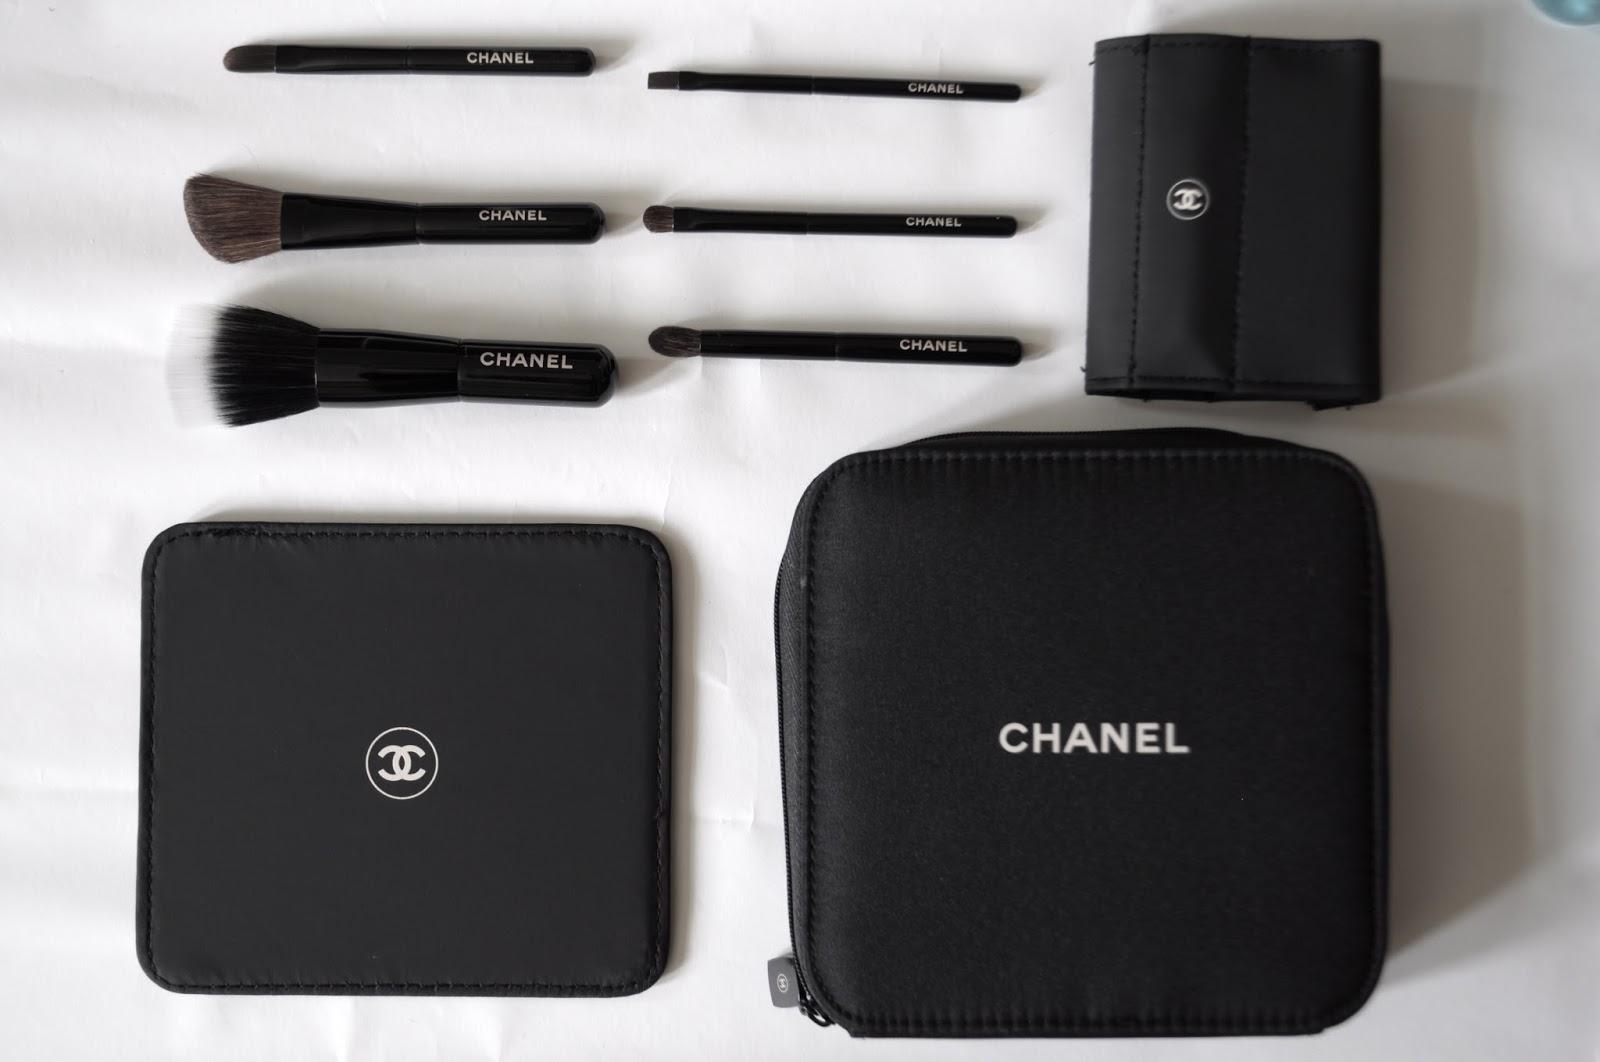 d610ce2745f Les minis.  Chanel Les Minis 2013 brush set ...